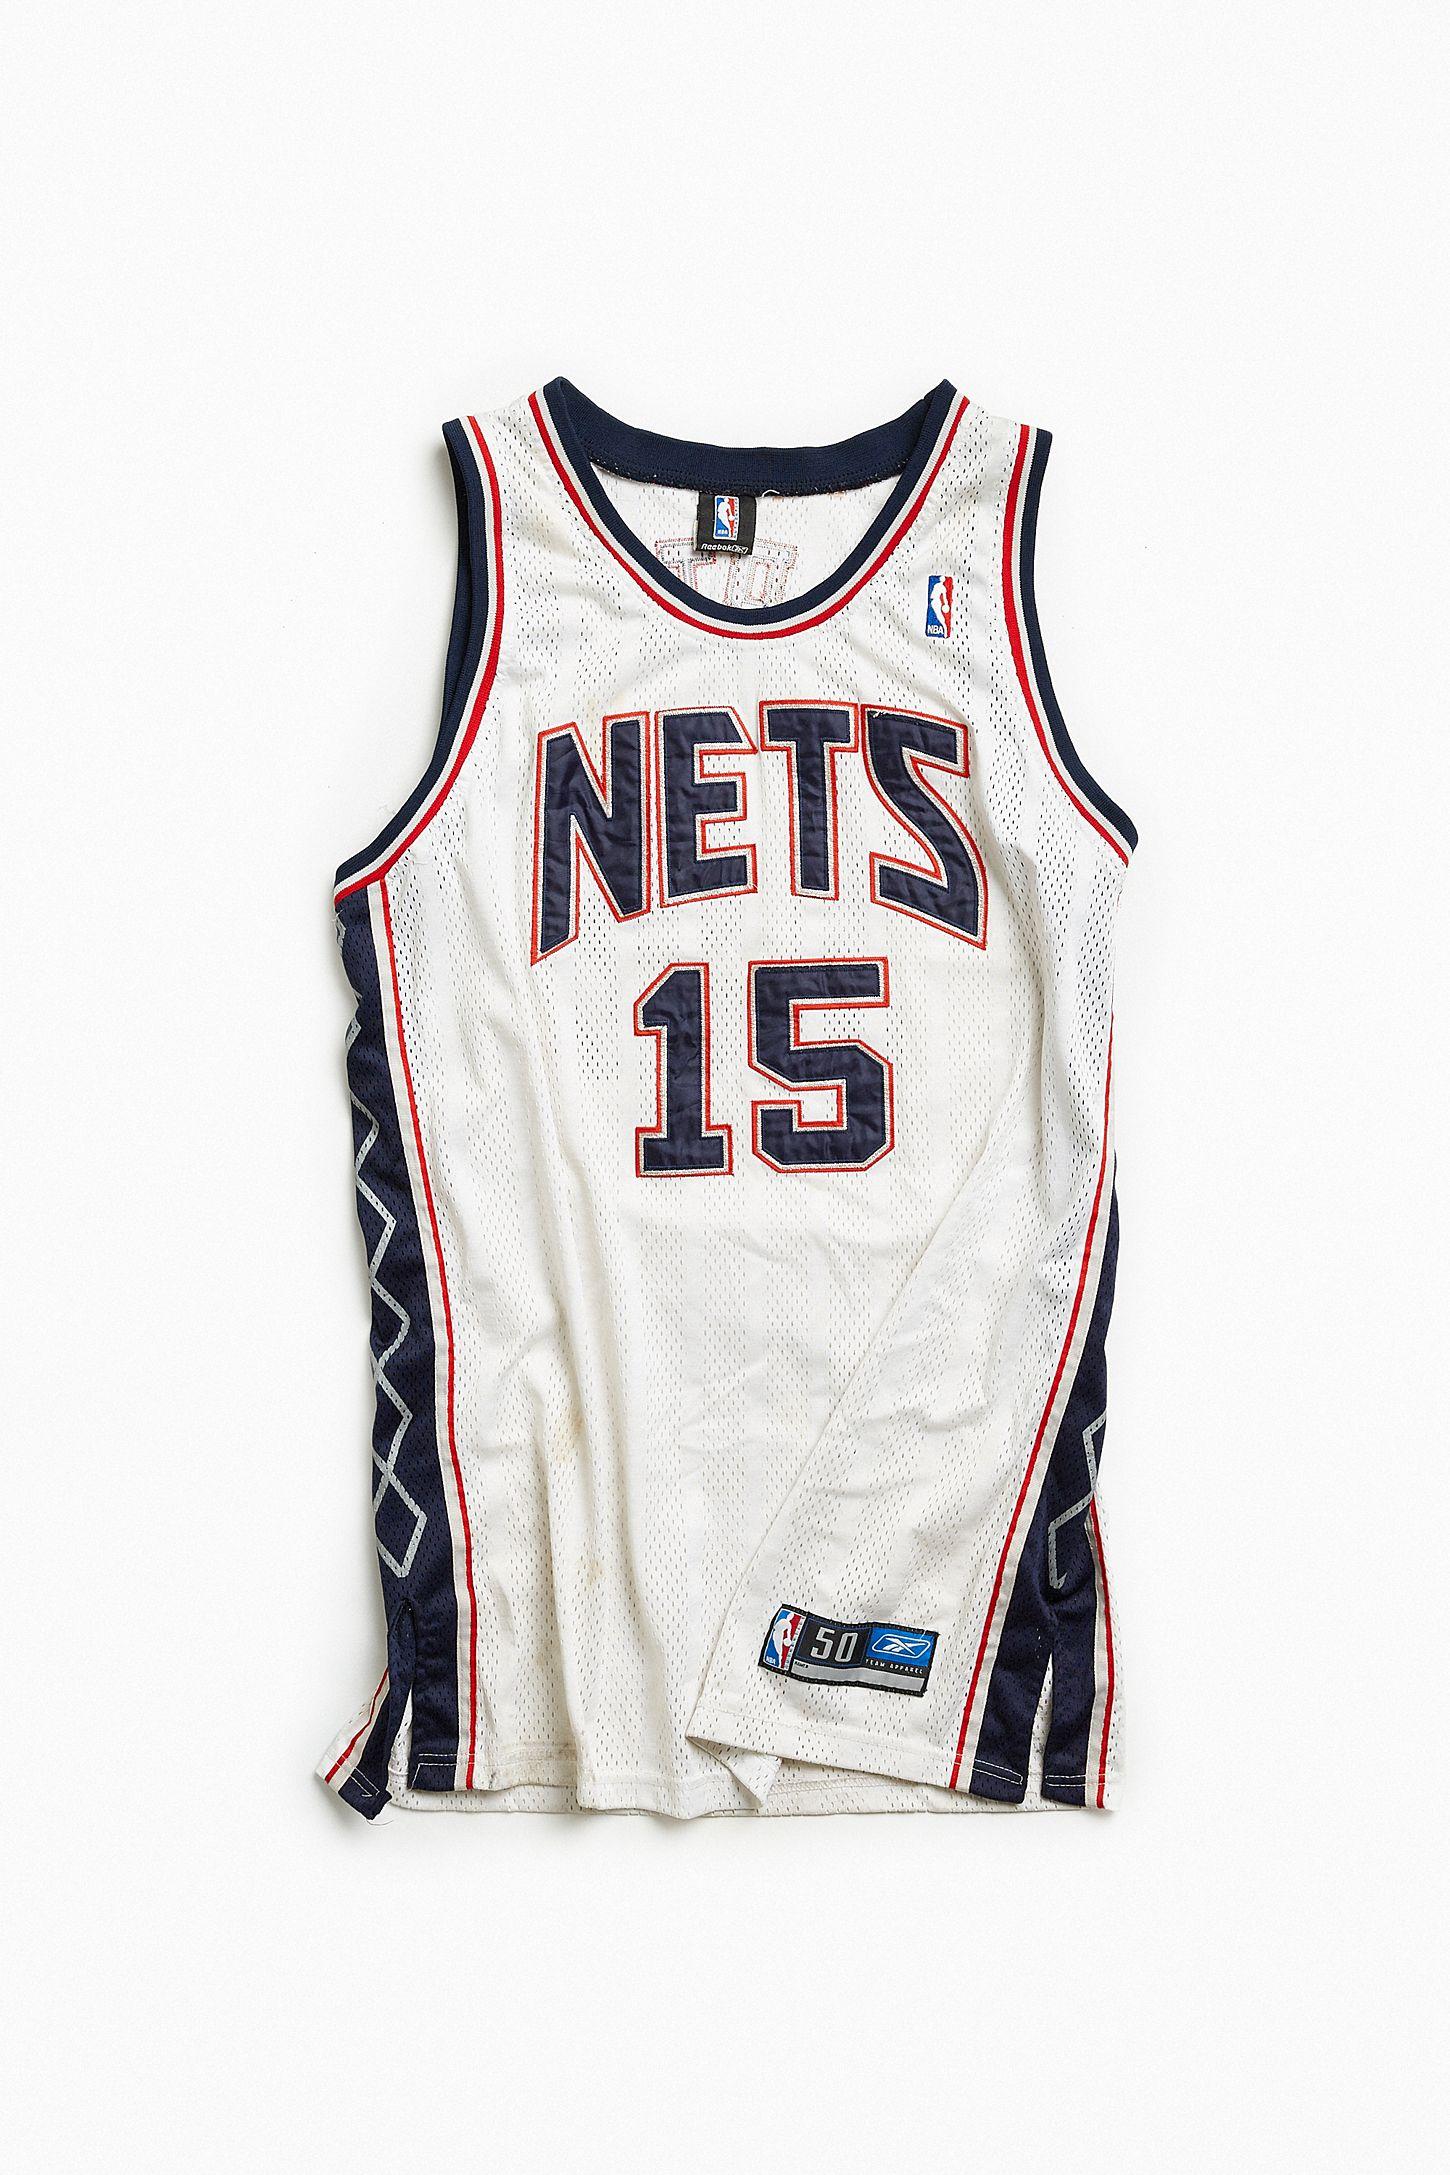 9d576ceae26a Vintage NBA New Jersey Nets Vince Carter Basketball Jersey